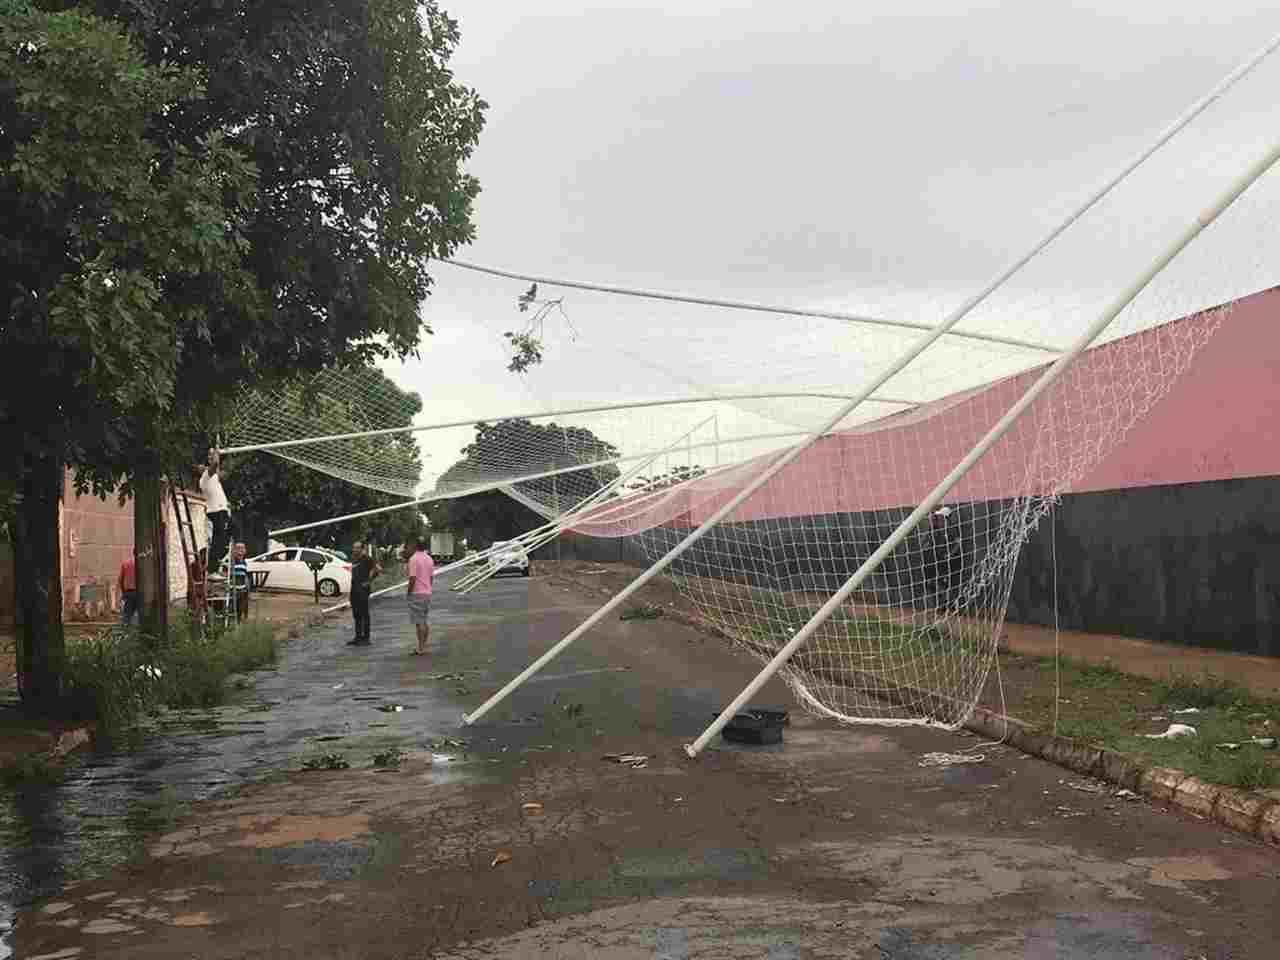 Árvore cai com fortes ventos e derruba muro do Centro de Treinamento | Foto: divulgação